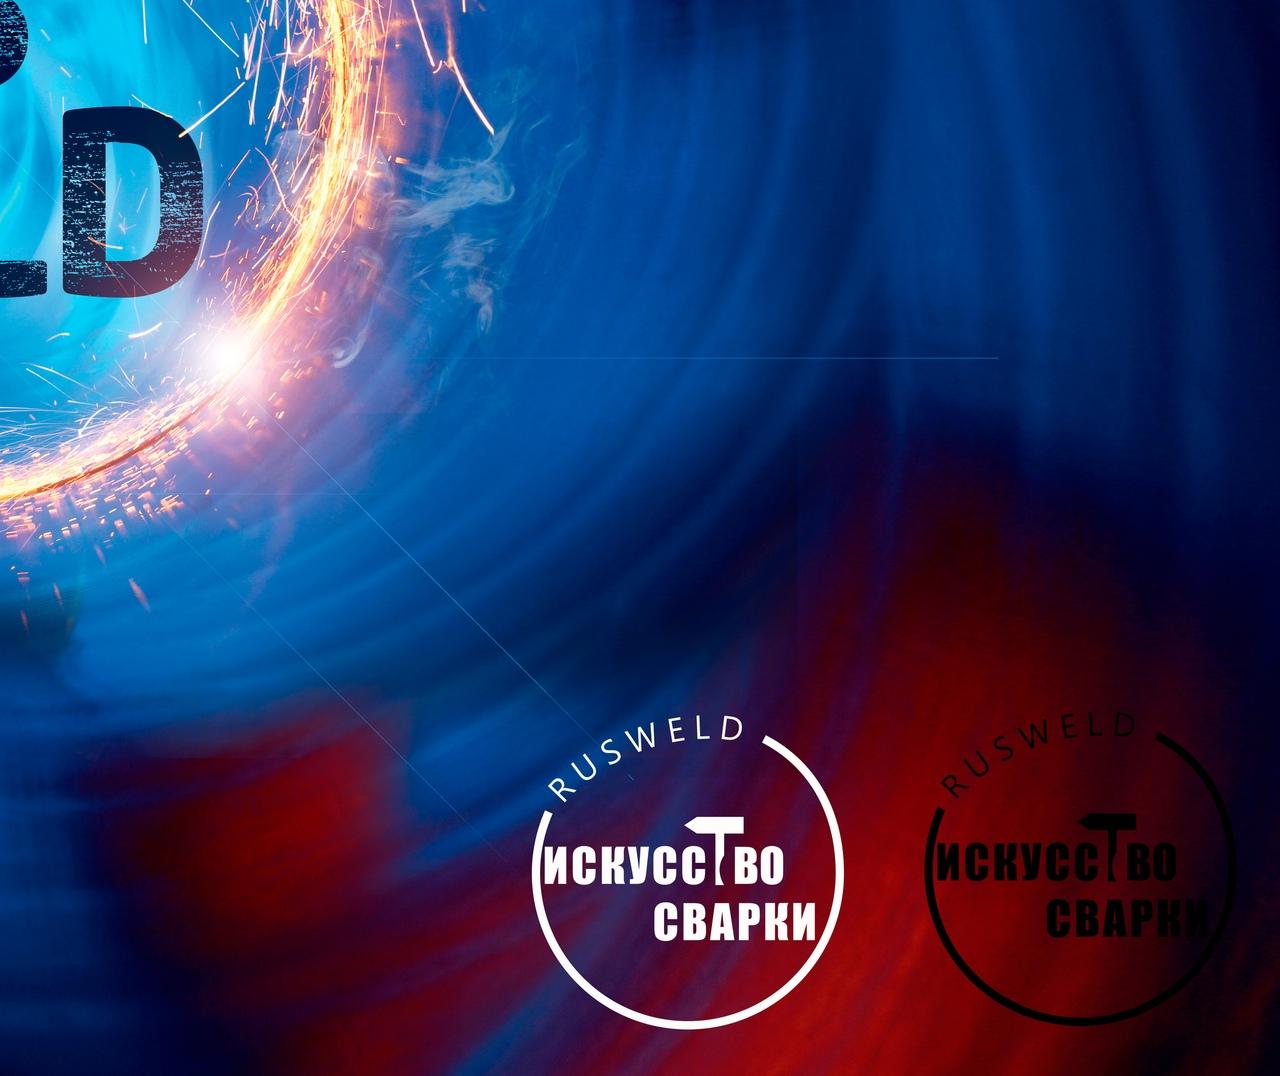 Разработка логотипа для Конкурса фото f_7385f6e16bfab007.jpg